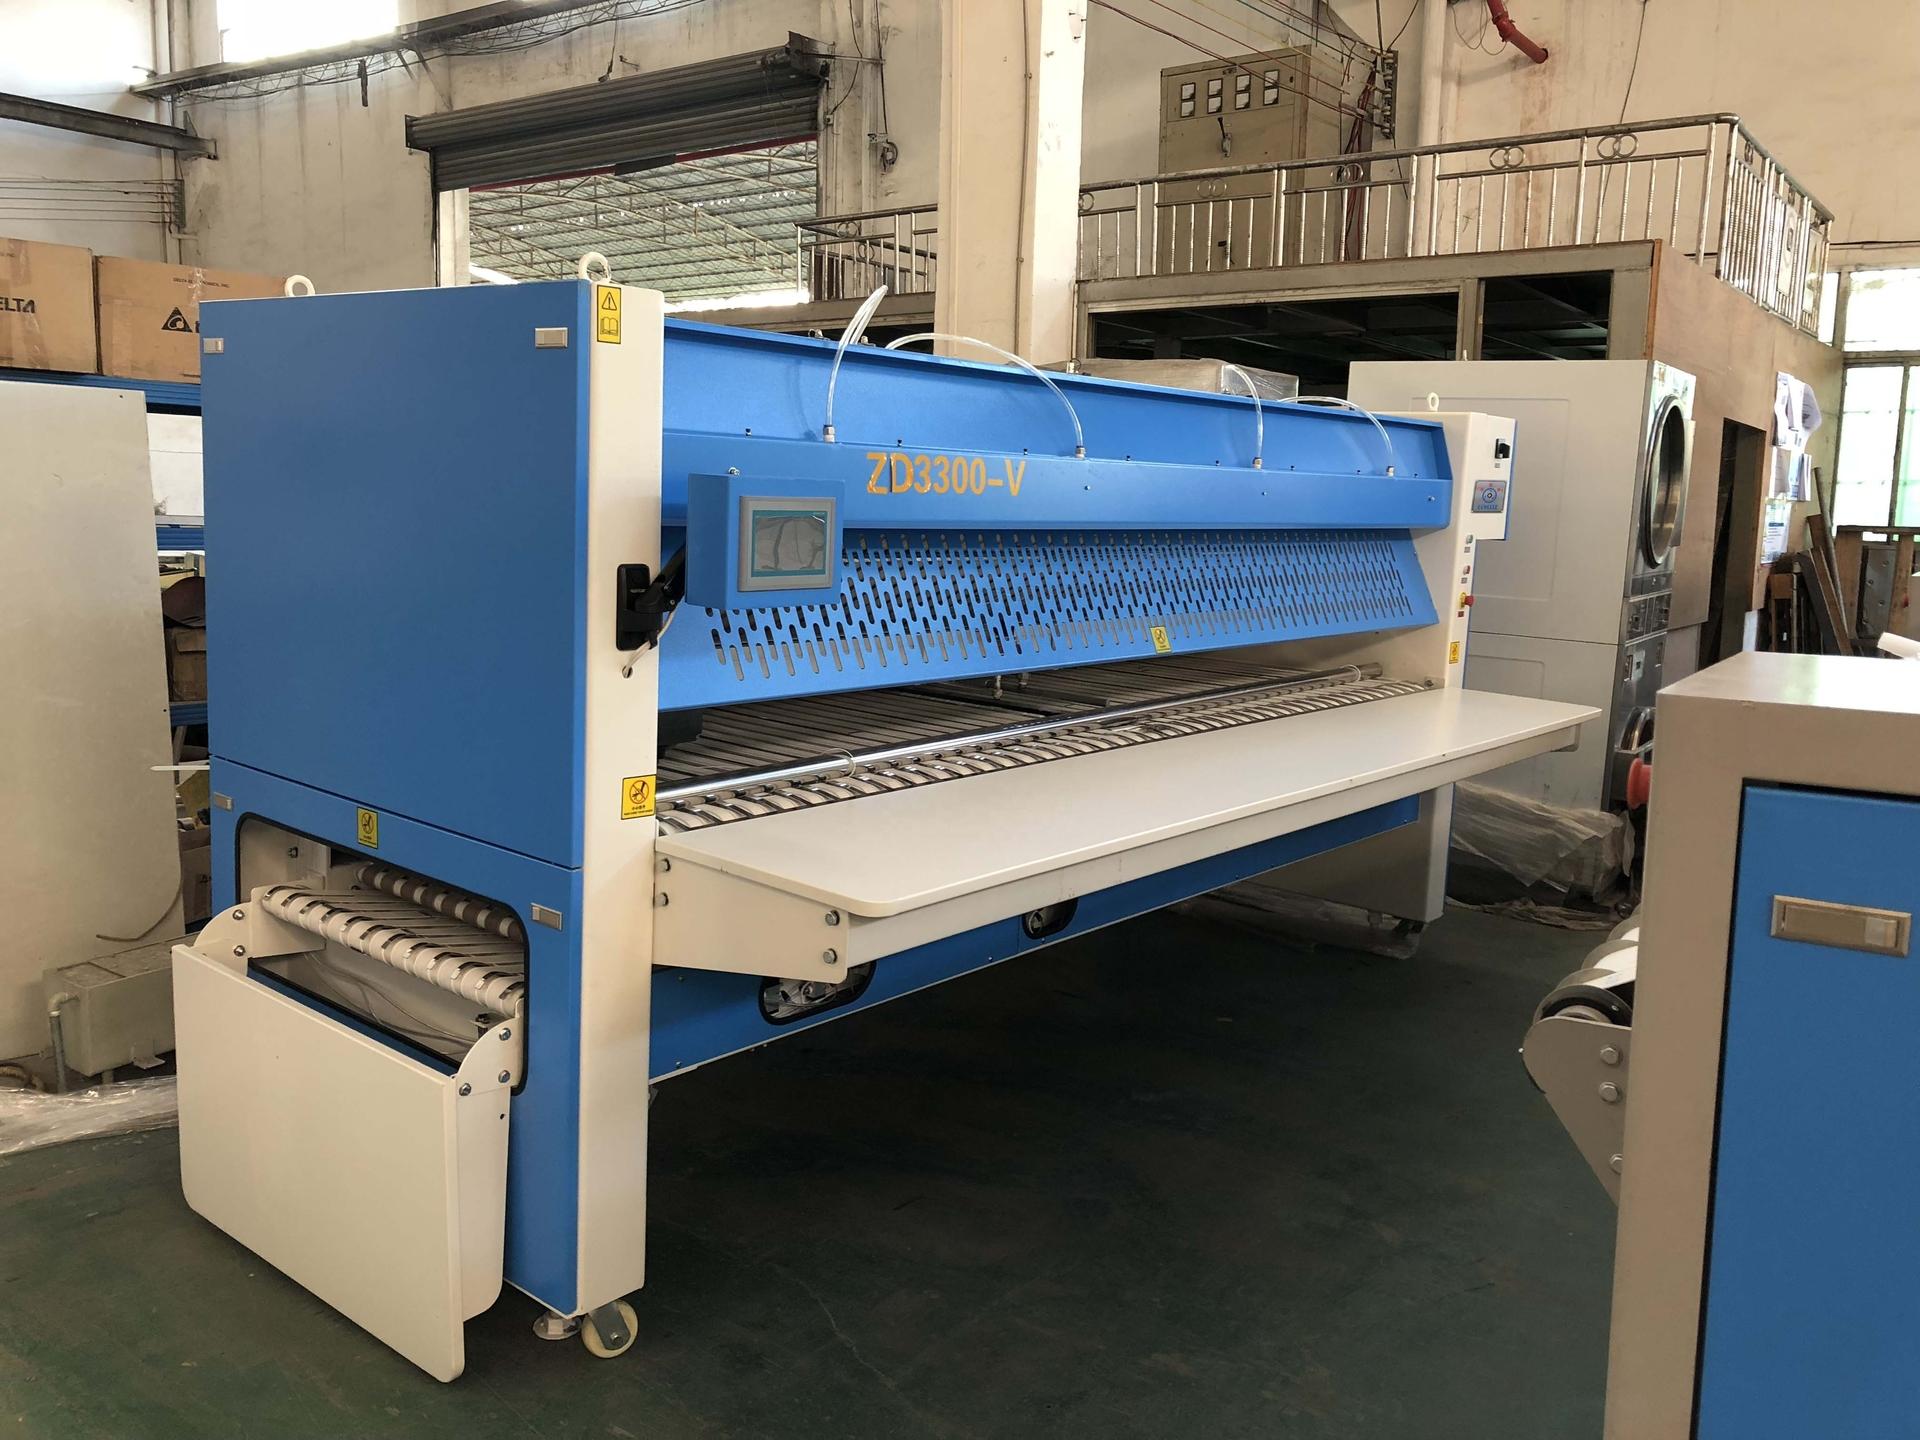 Folding Machine laumdry machine